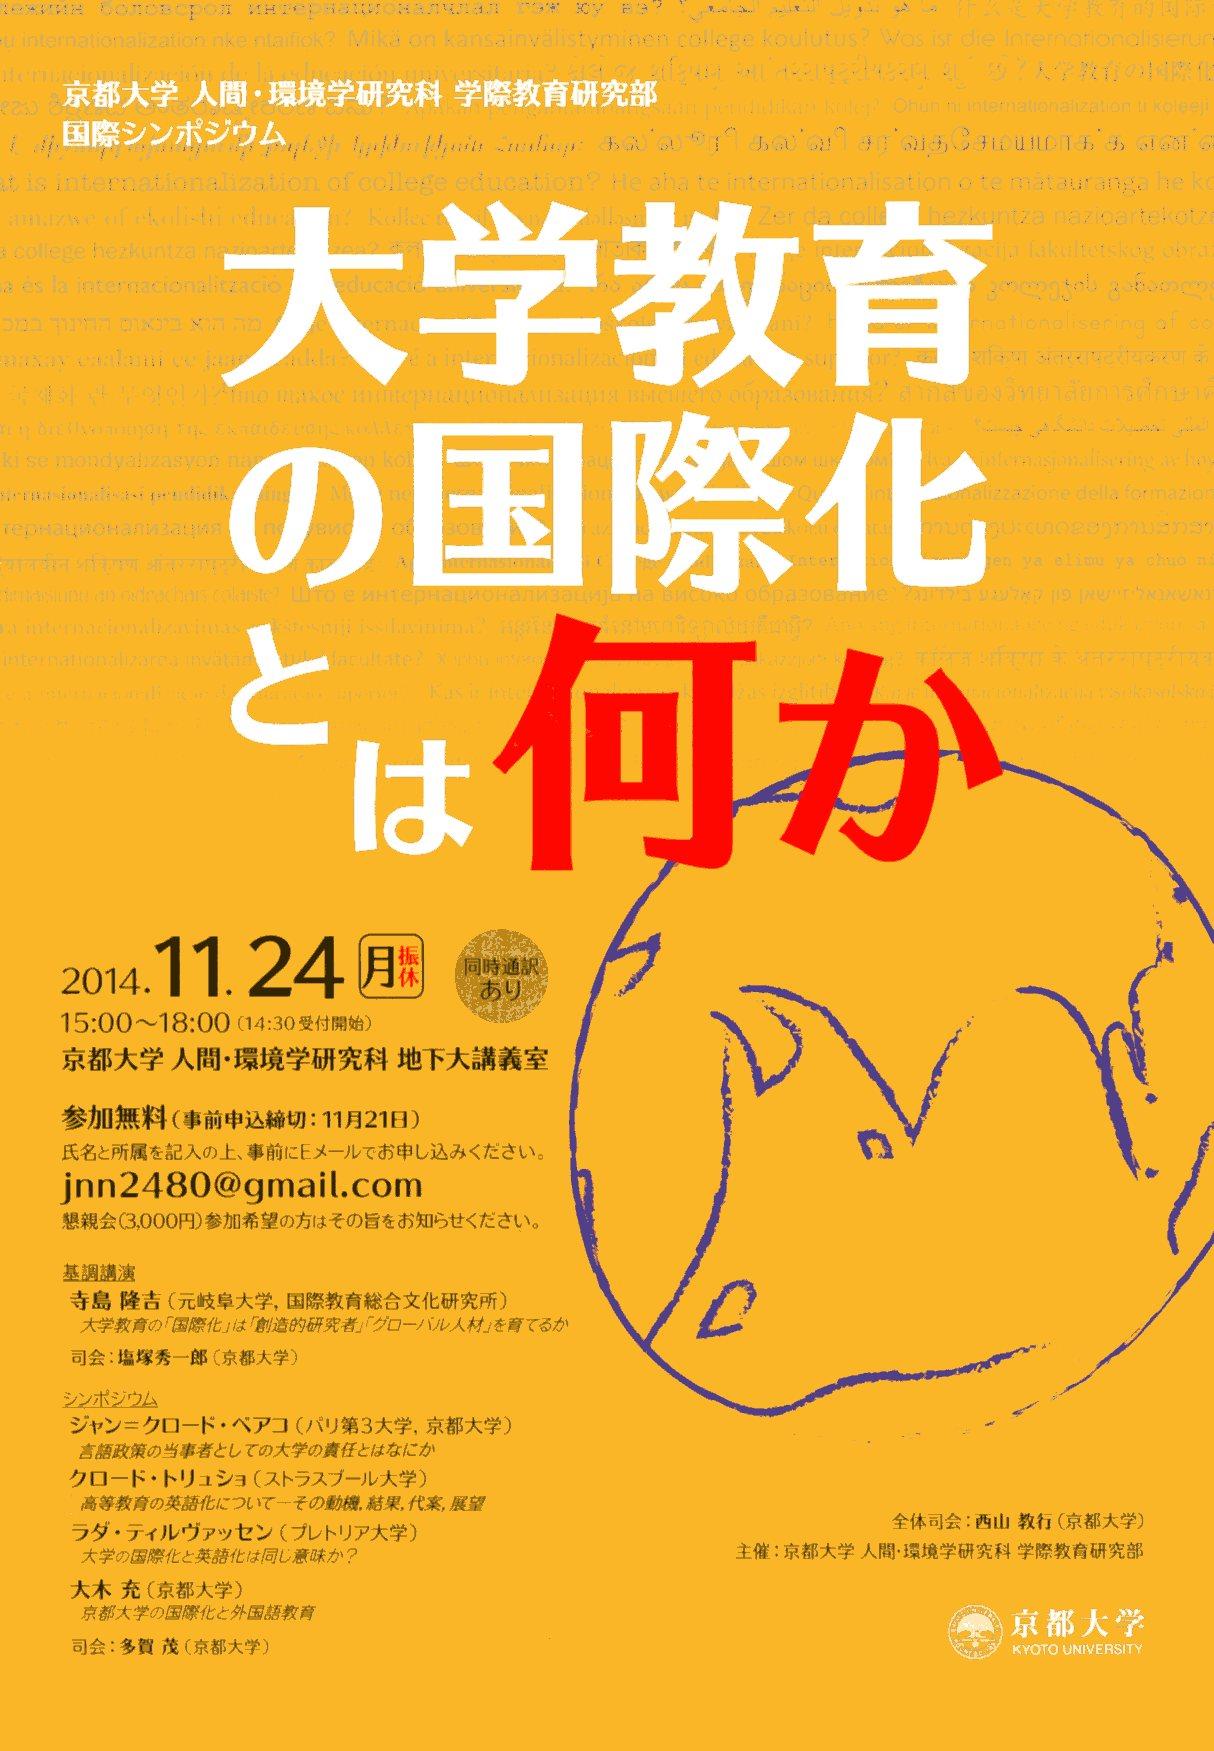 京都大学シンポジウム:大学教育の国際化とはなにか183